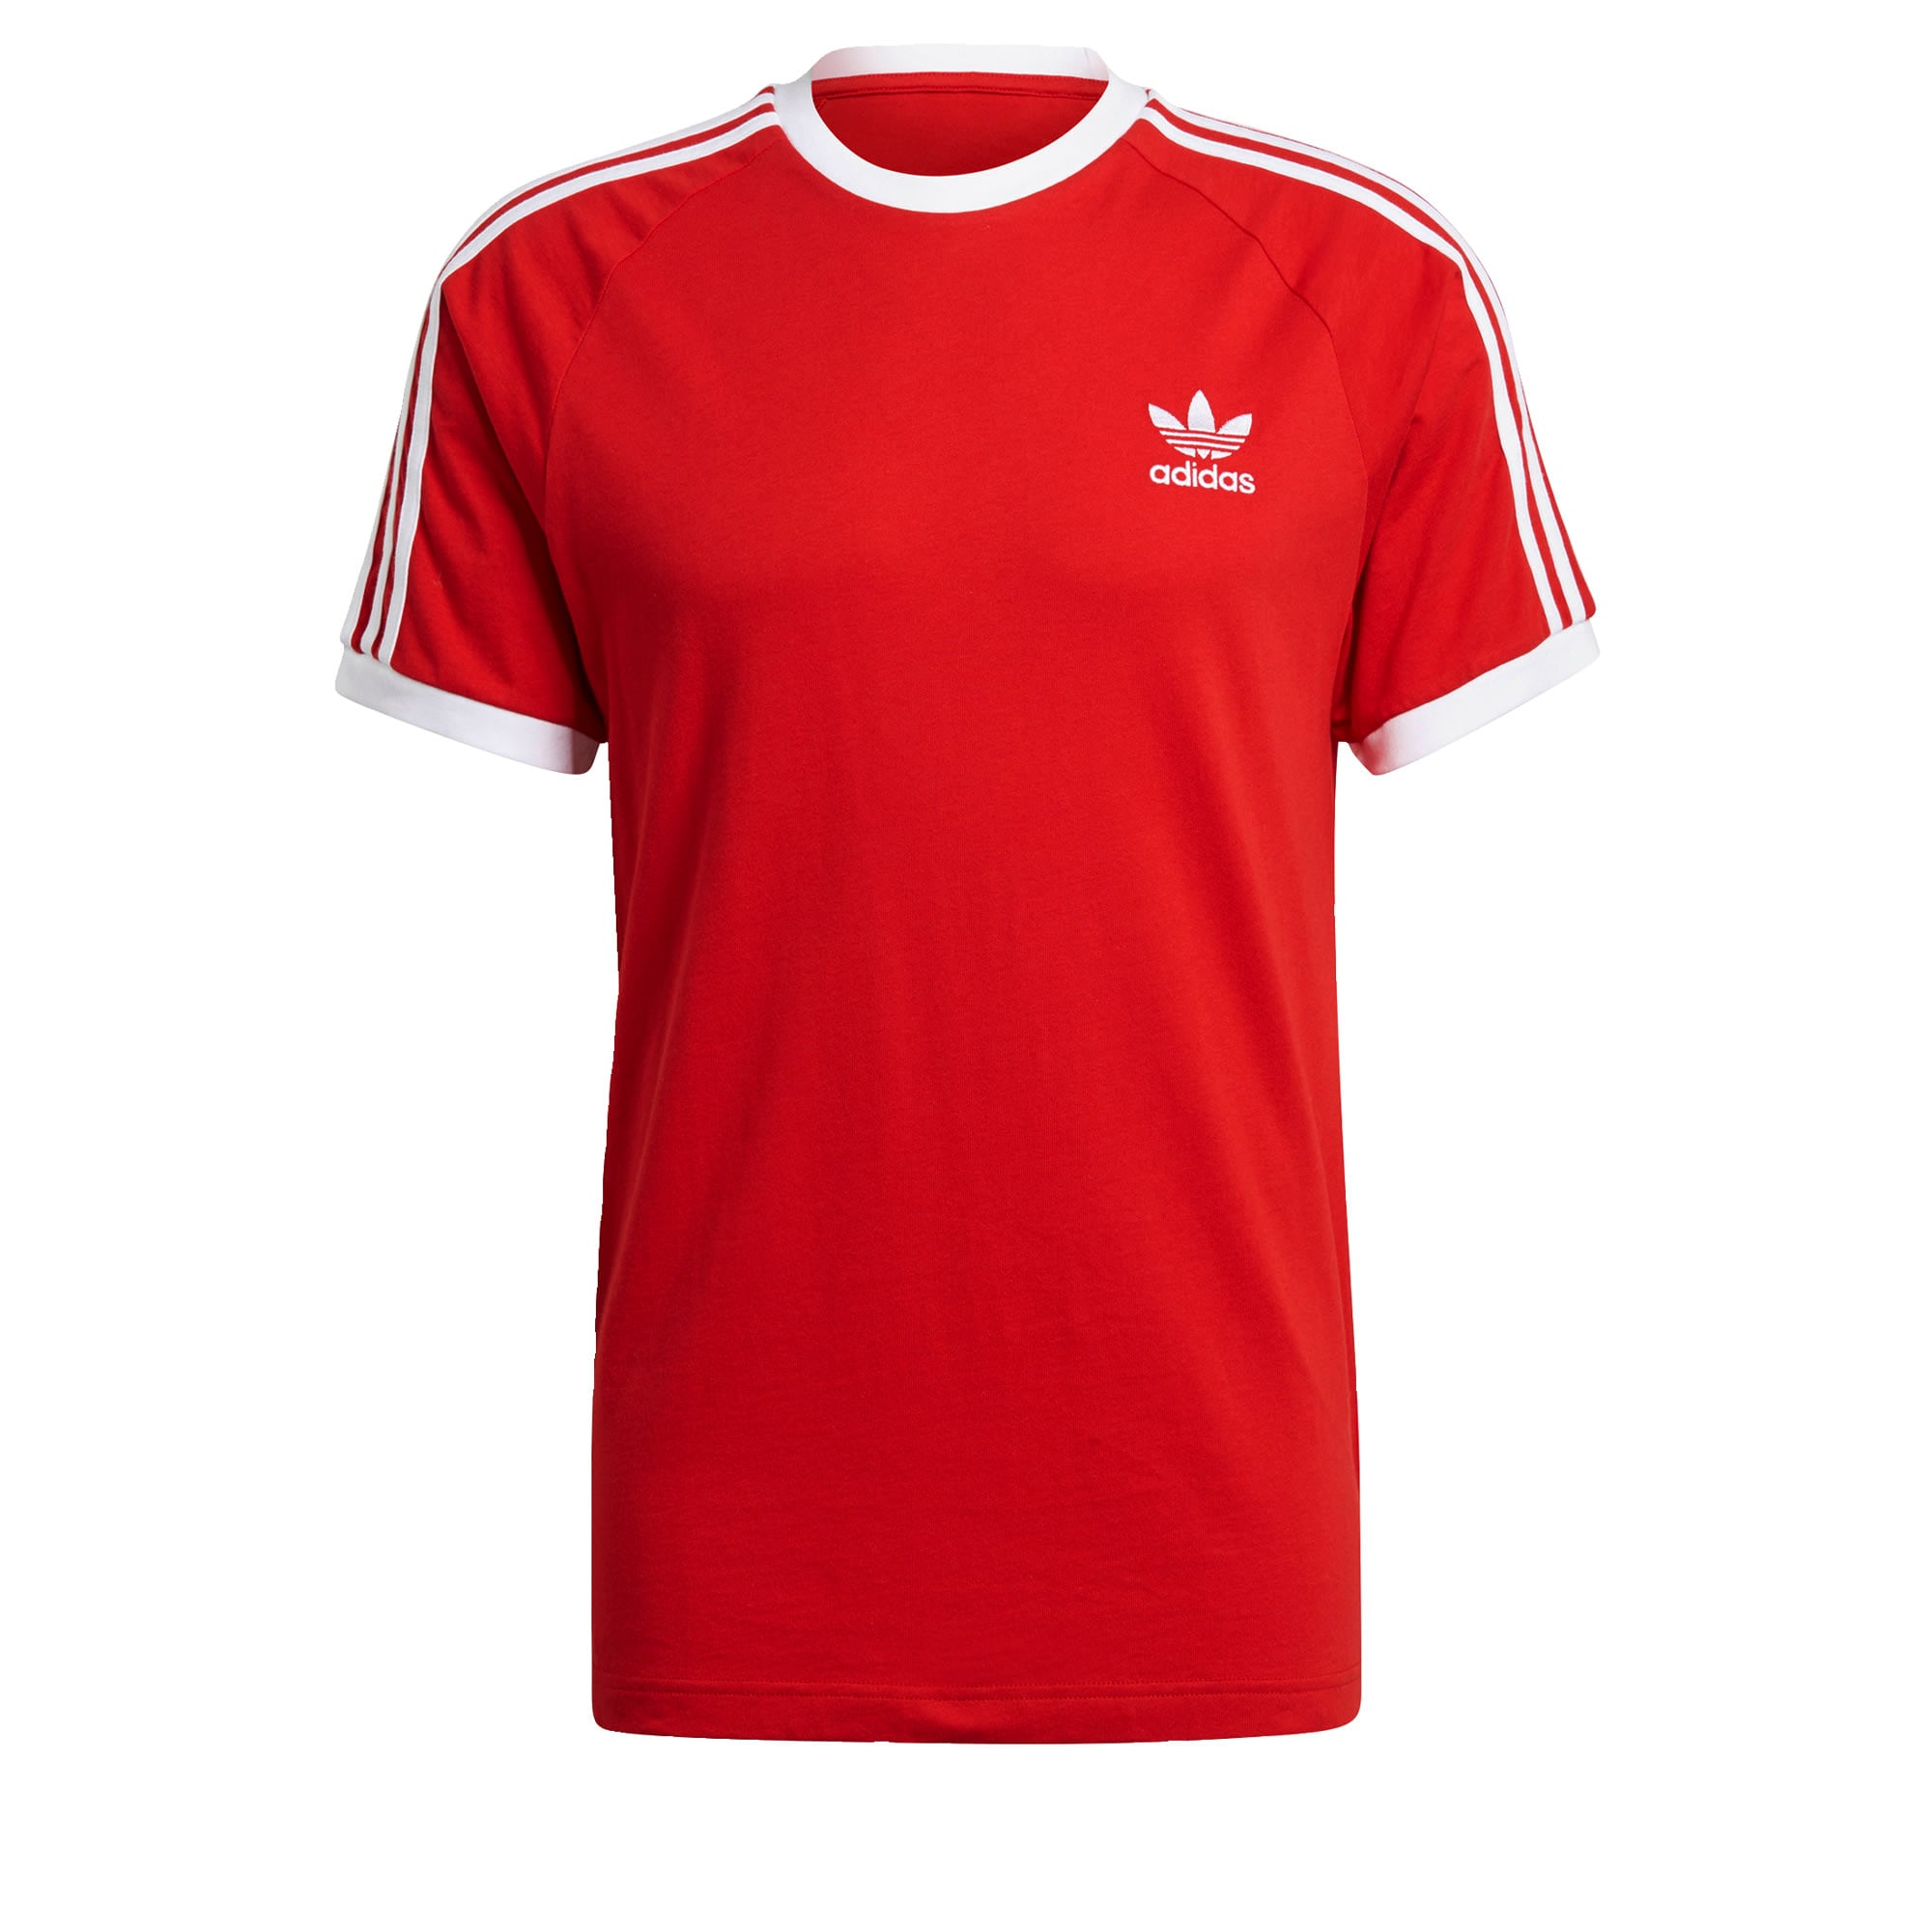 ADIDAS ORIGINALS Marškinėliai raudona / balta